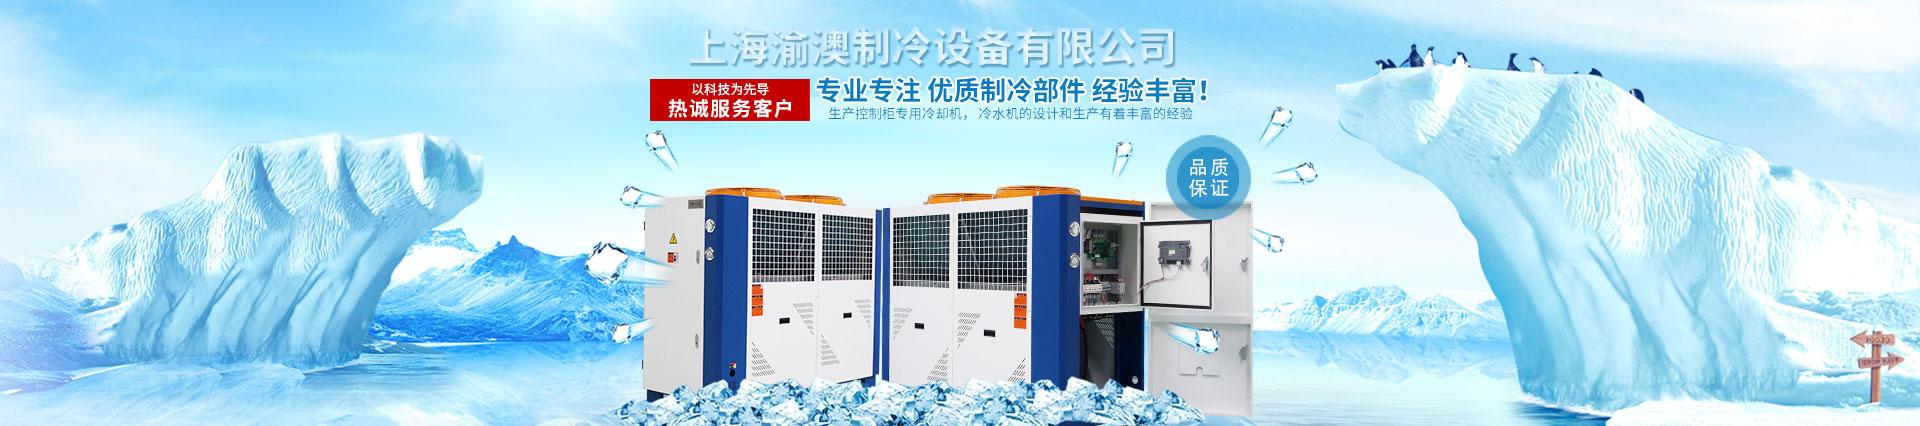 上海渝澳制冷設備有限公司